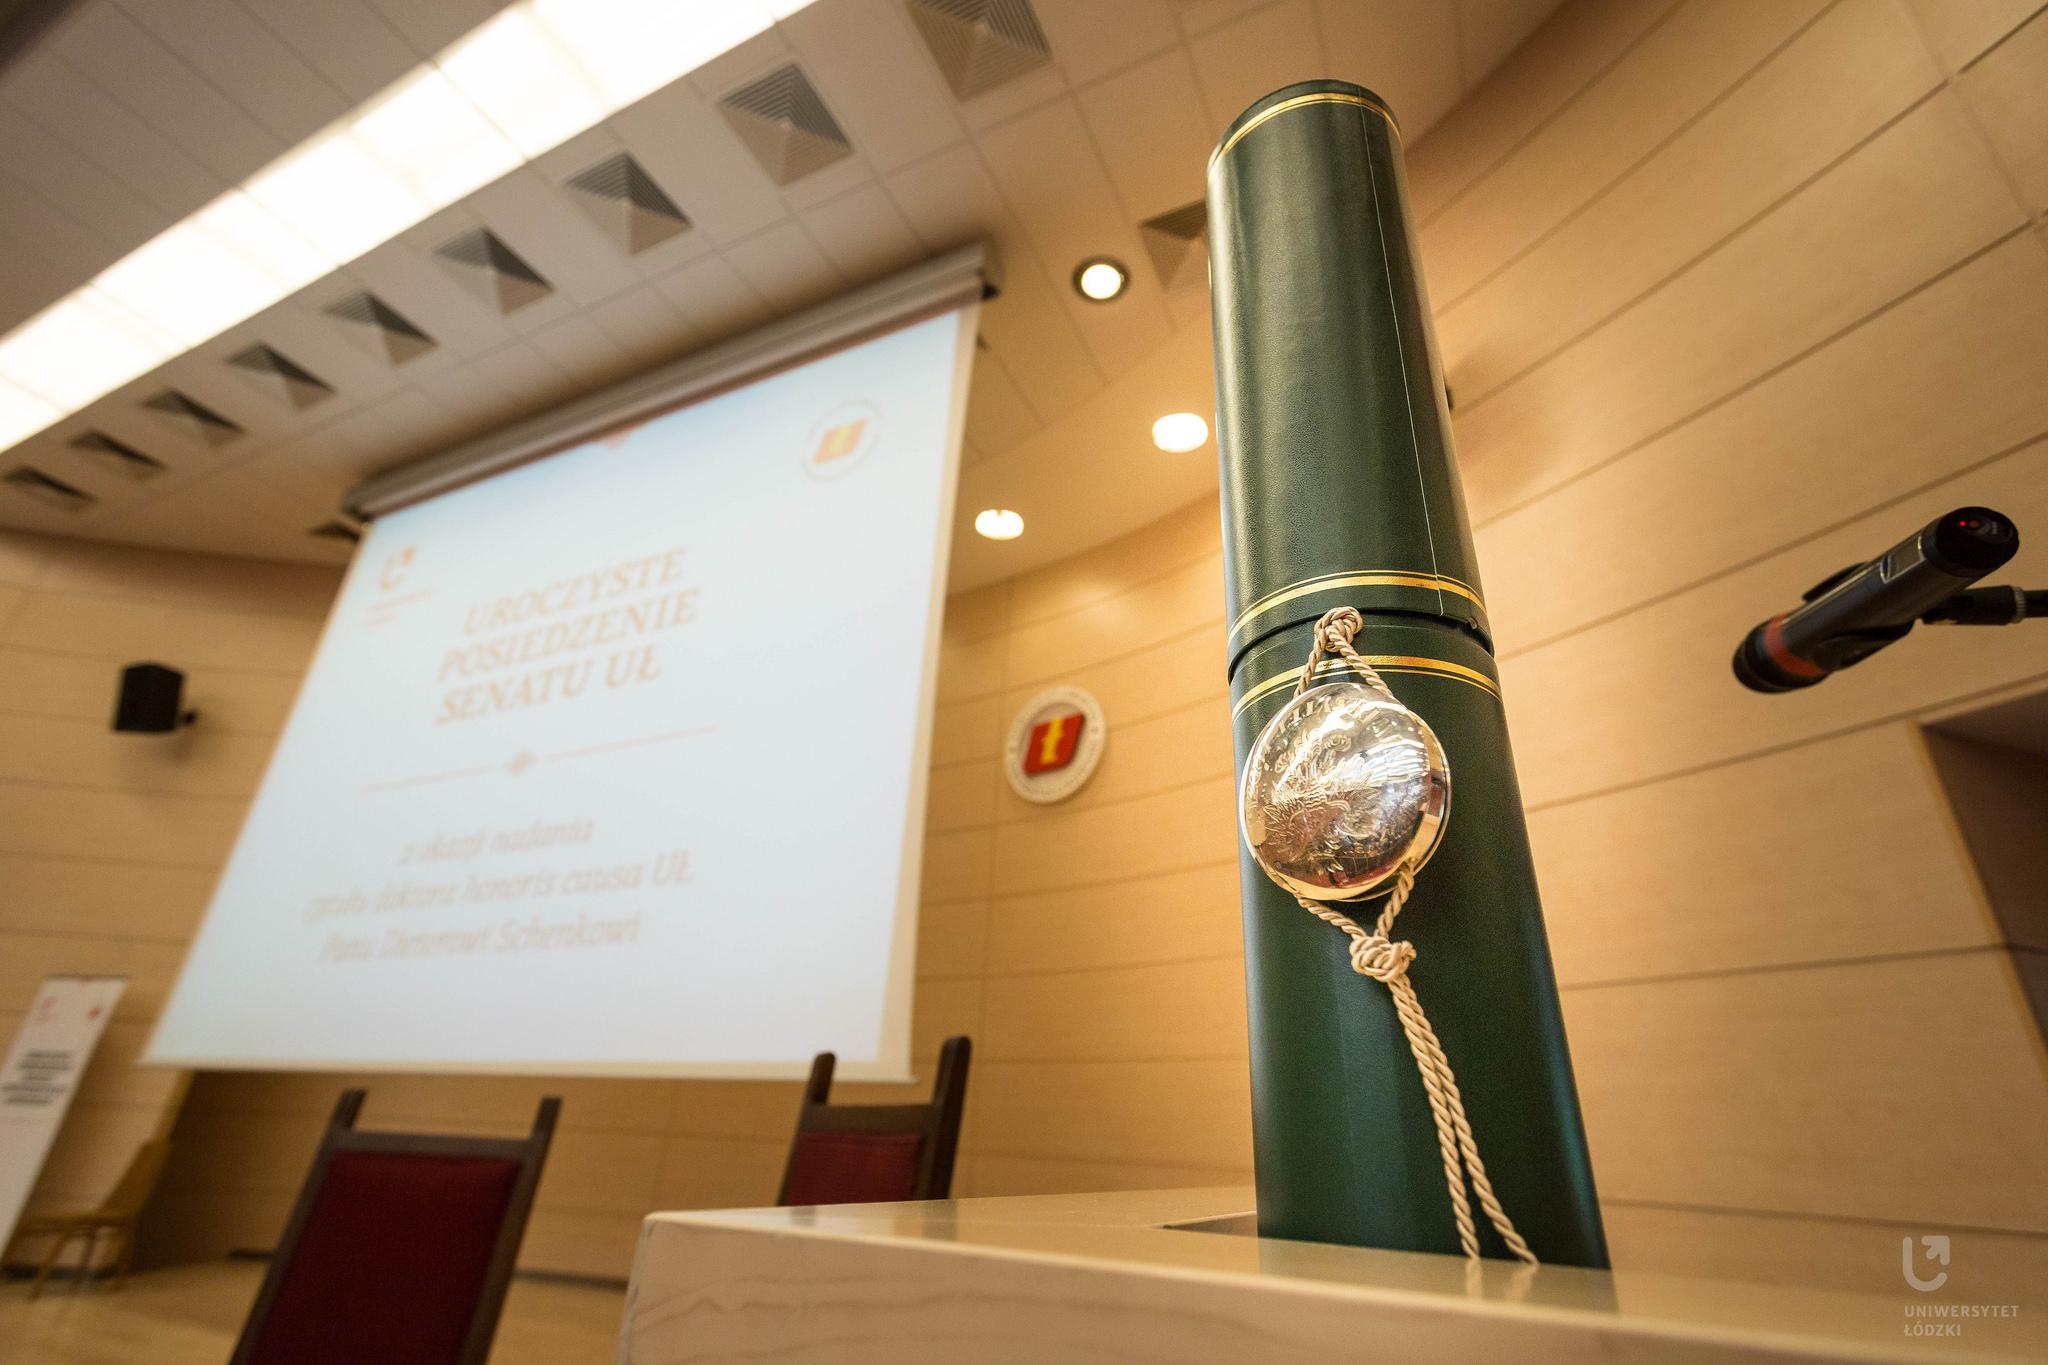 Doktorat honoris causa UŁ dla prof. Ryszarda Wójcickiego - Uniwersytet Łódzki